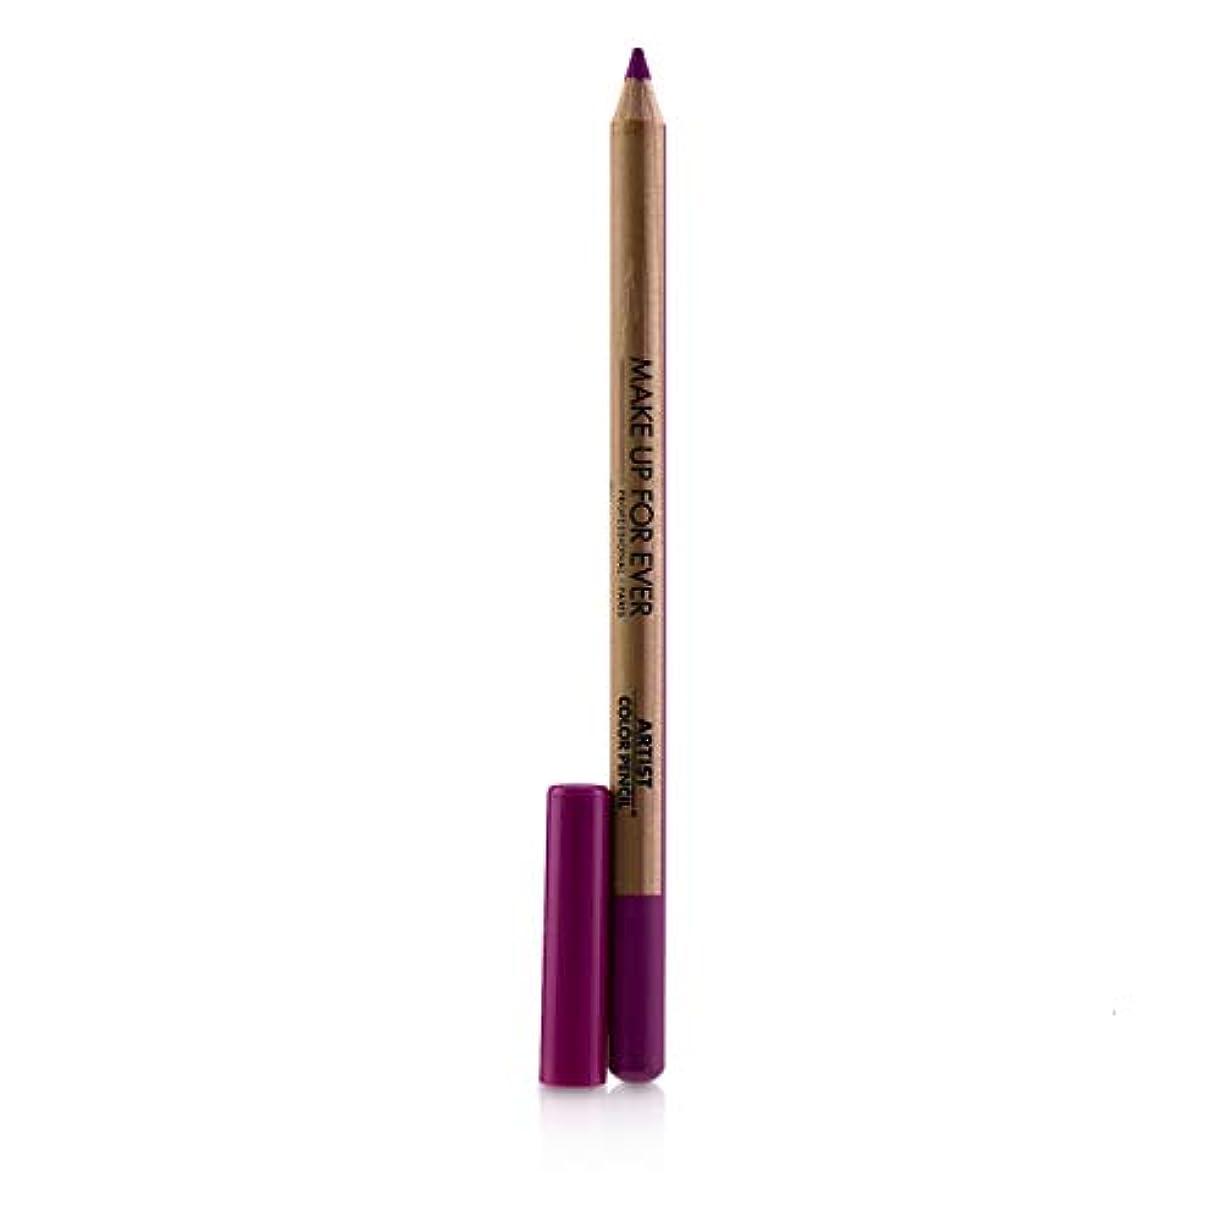 ピジンキリン壮大メイクアップフォーエバー Artist Color Pencil - # 812 Multi Pink 1.41g/0.04oz並行輸入品